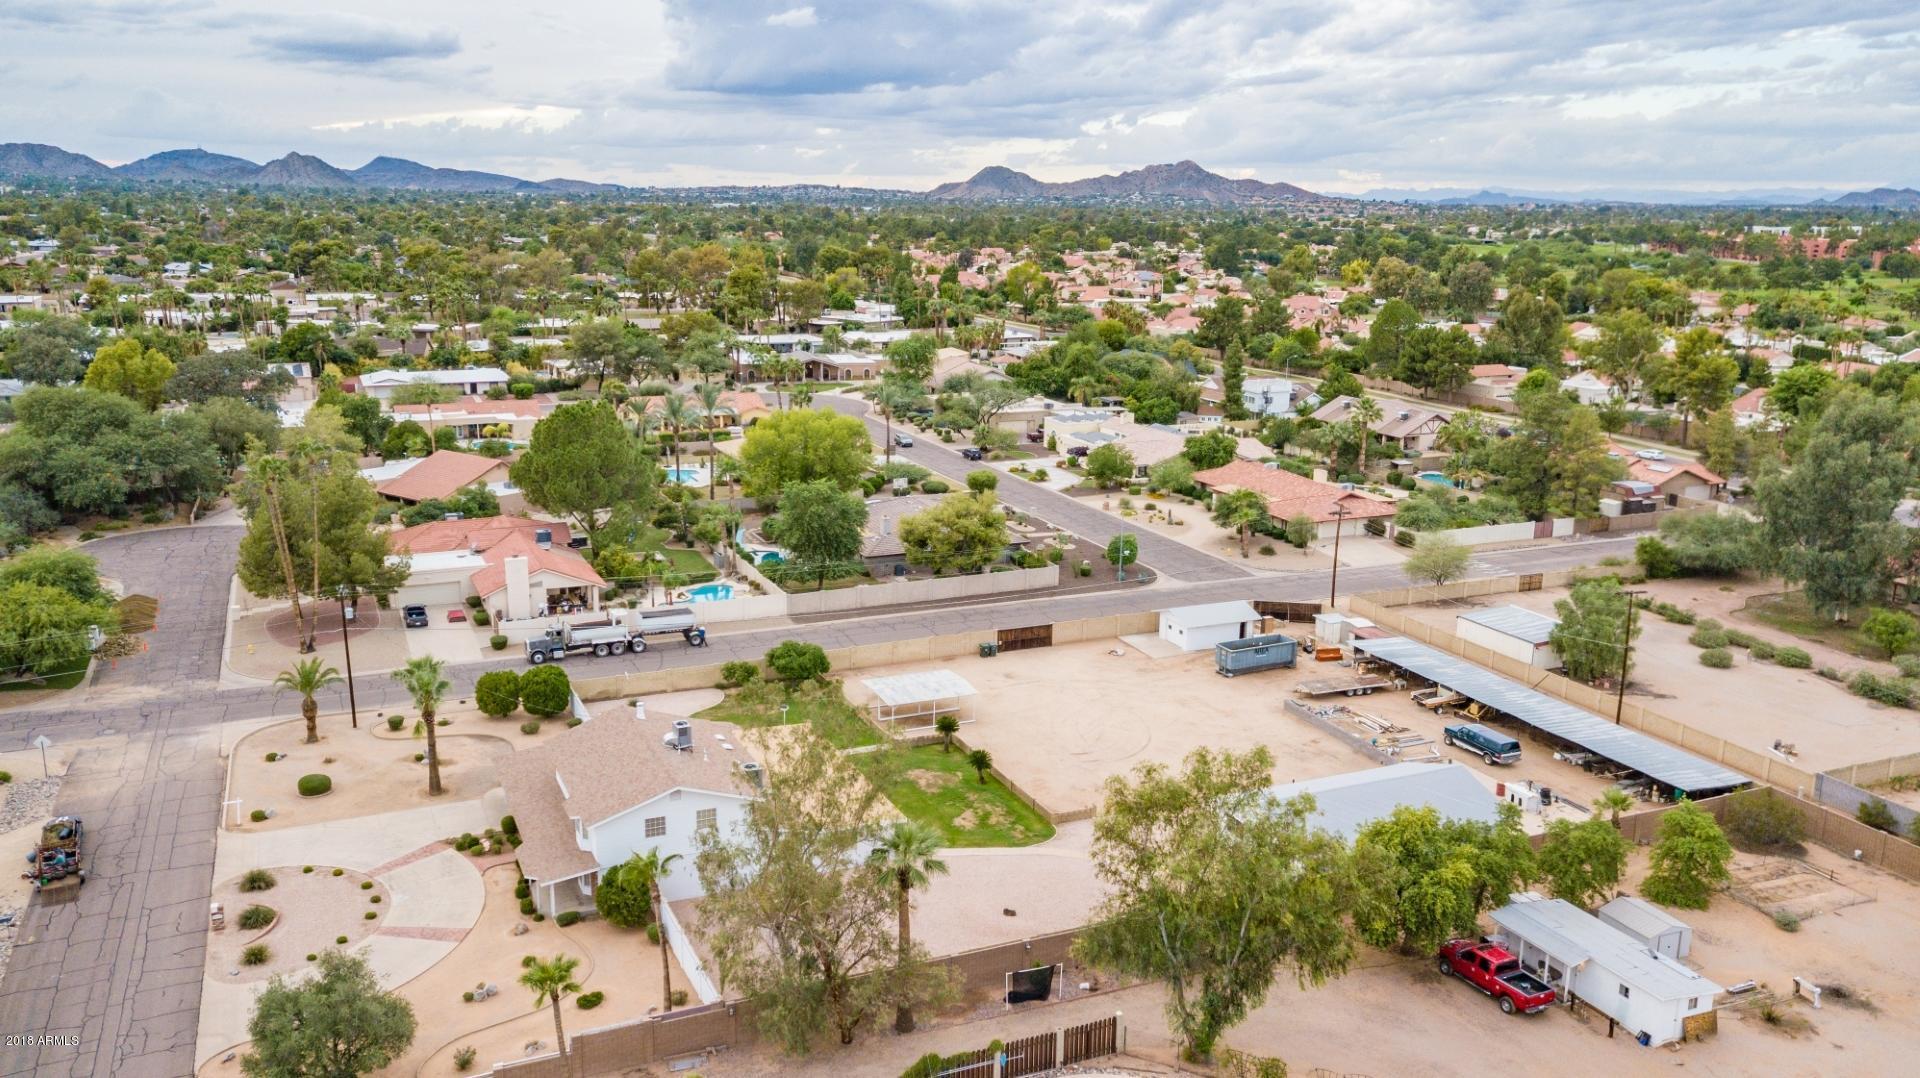 MLS 5832621 4602 E SHANGRI LA Road, Phoenix, AZ 85028 Phoenix AZ Equestrian